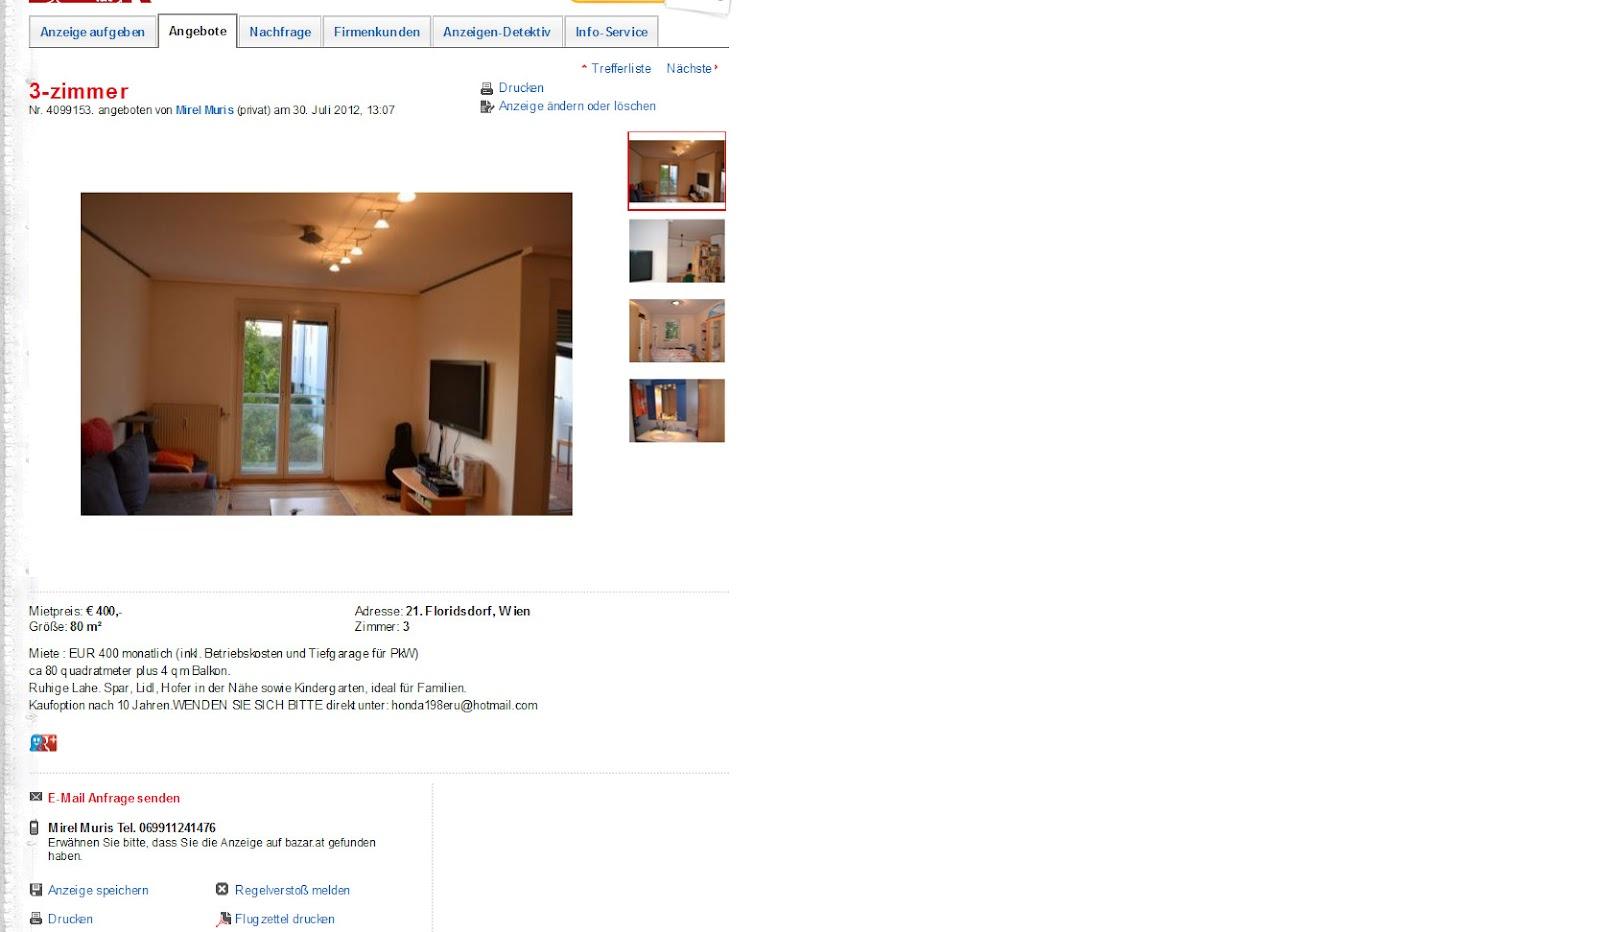 Wohnungsbetrugblogspotcom 07012012 08012012